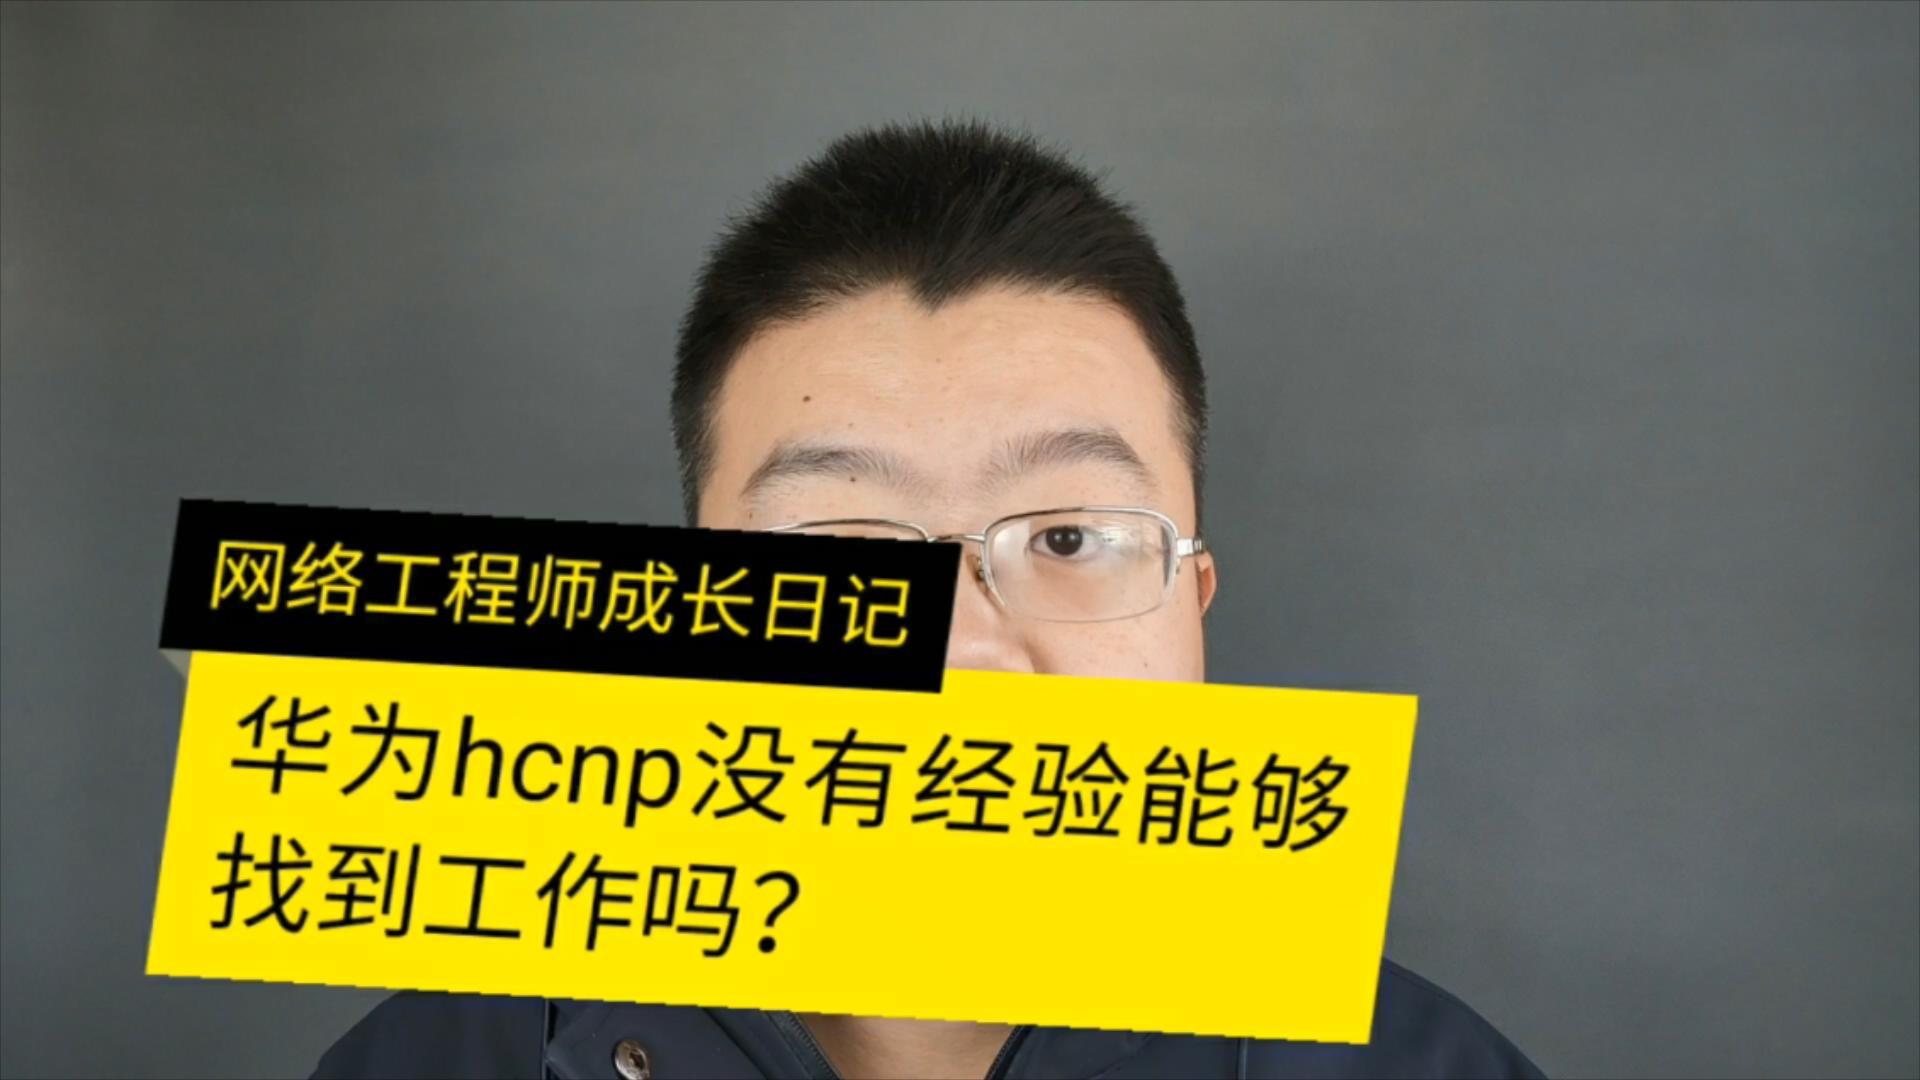 HCNP没有经验能找到工作吗